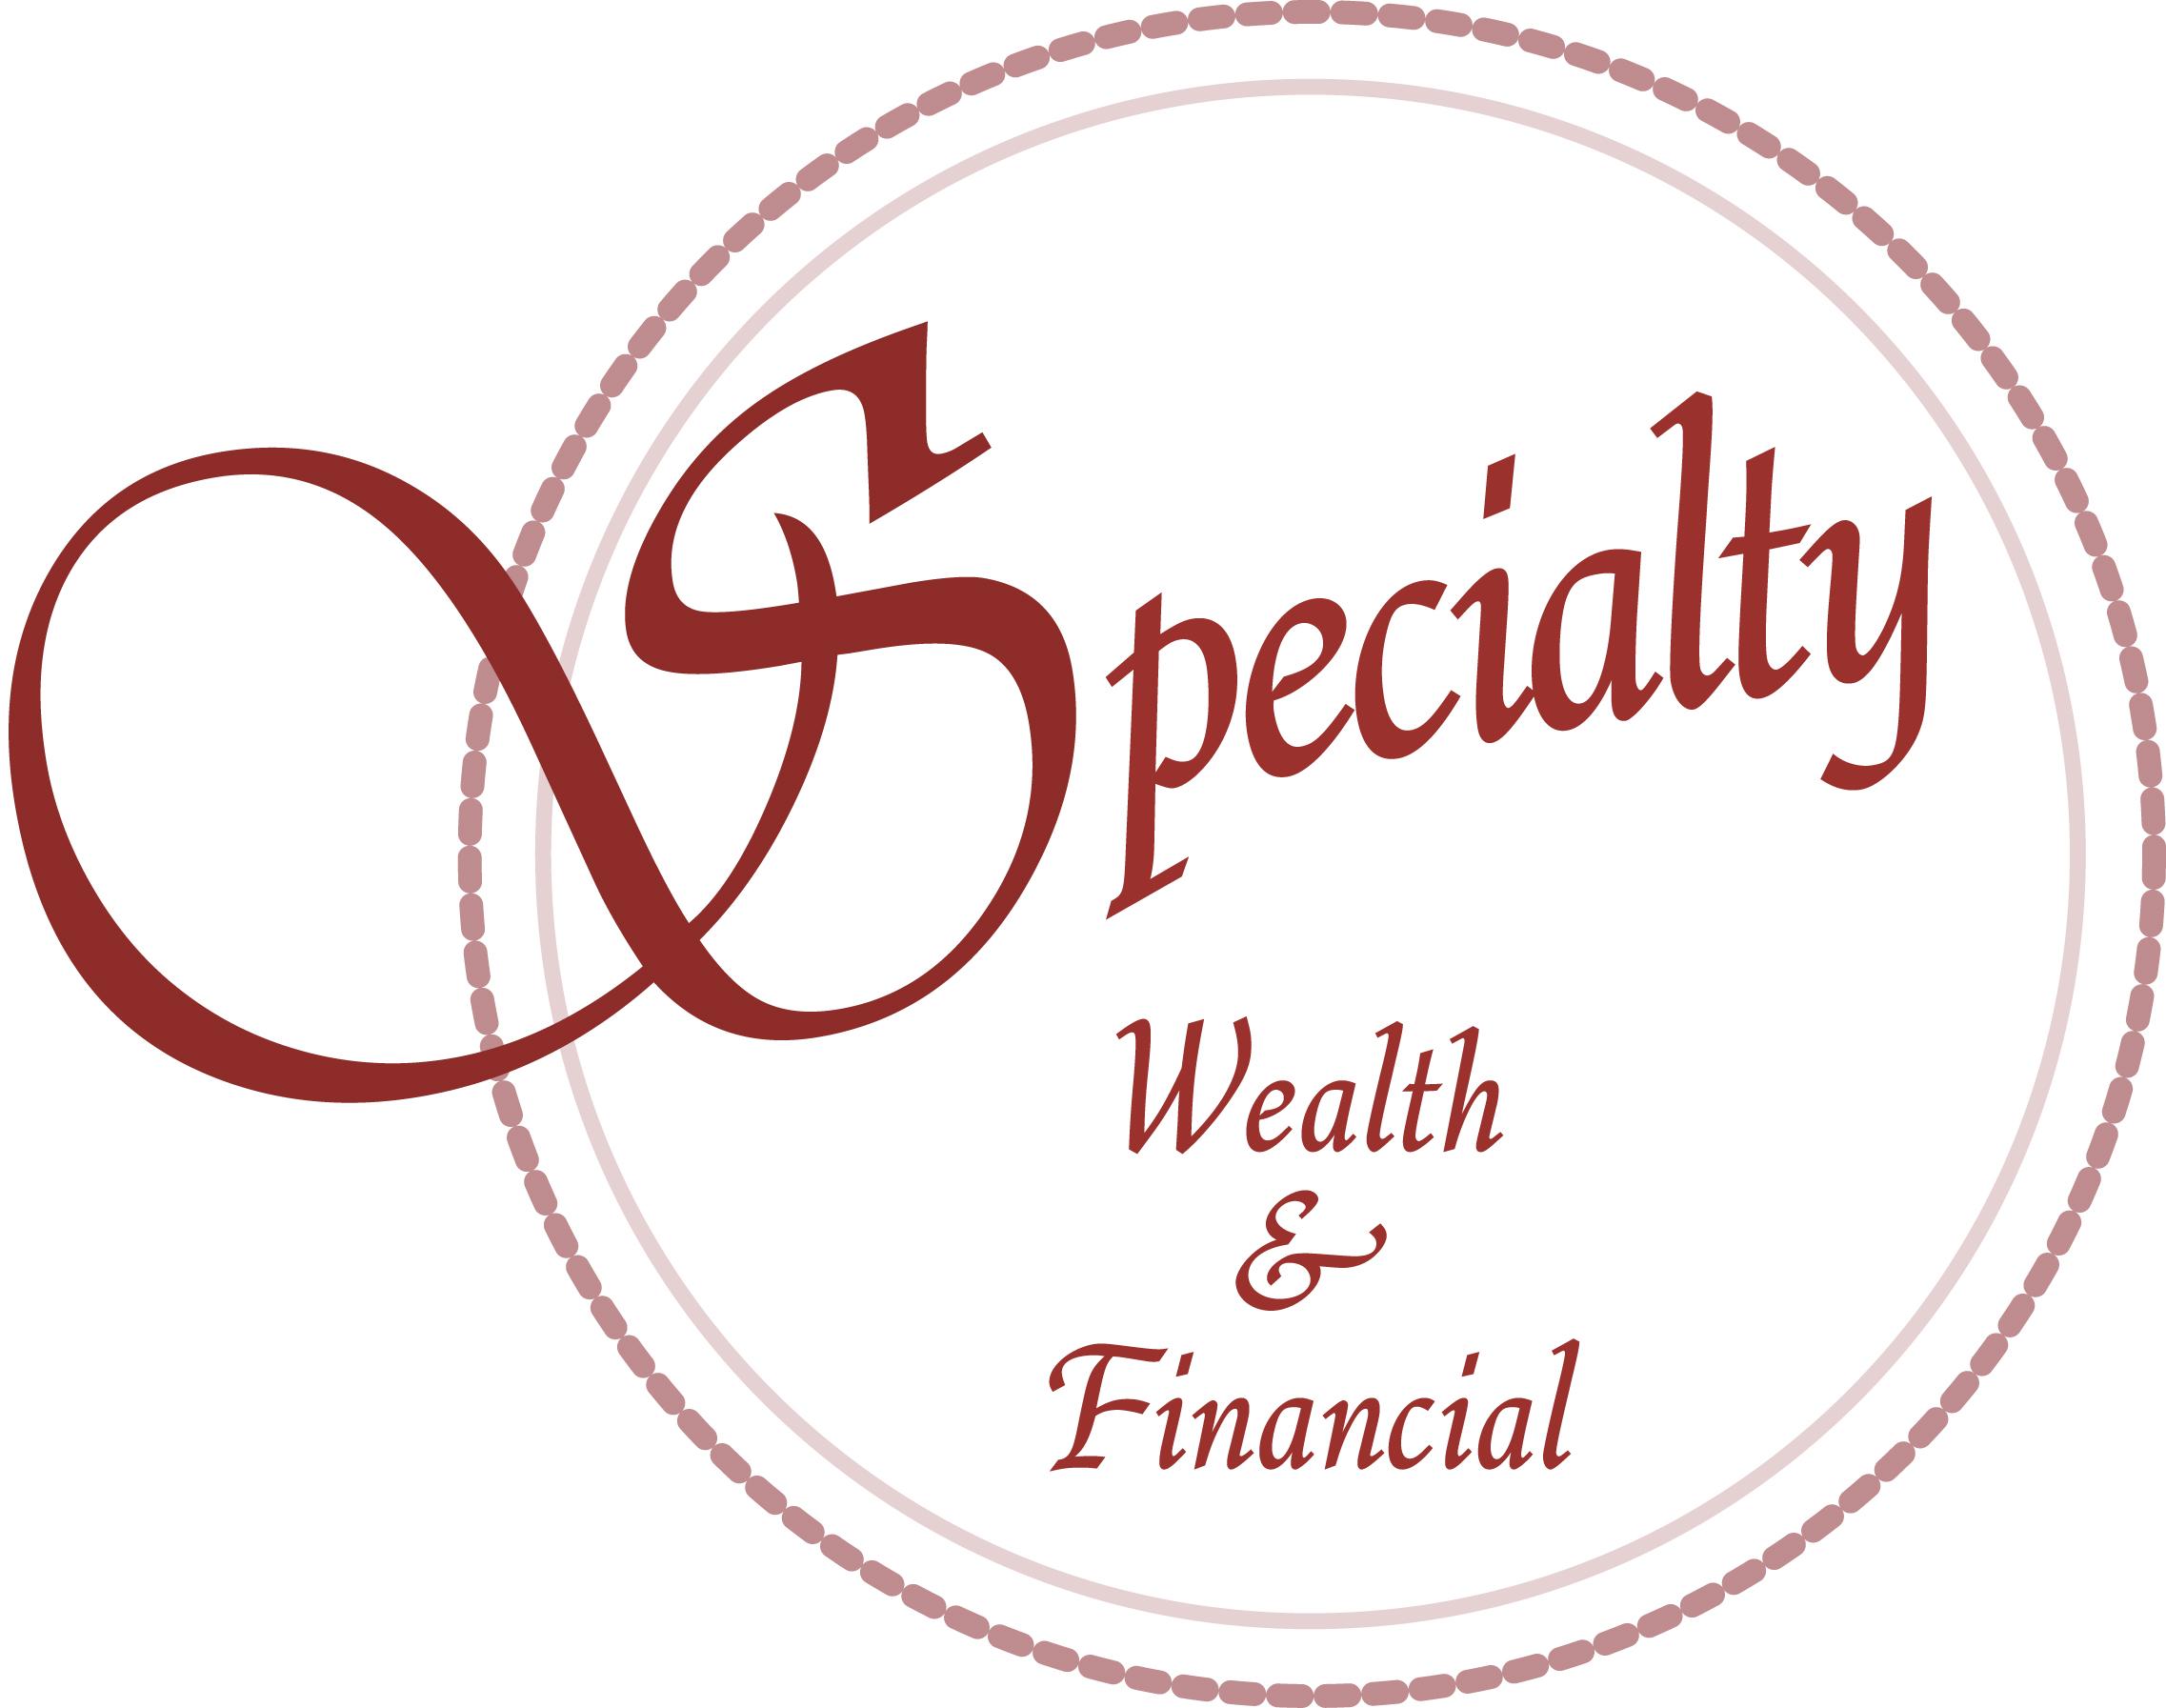 Specialt Wealth Logo VPS Outlines